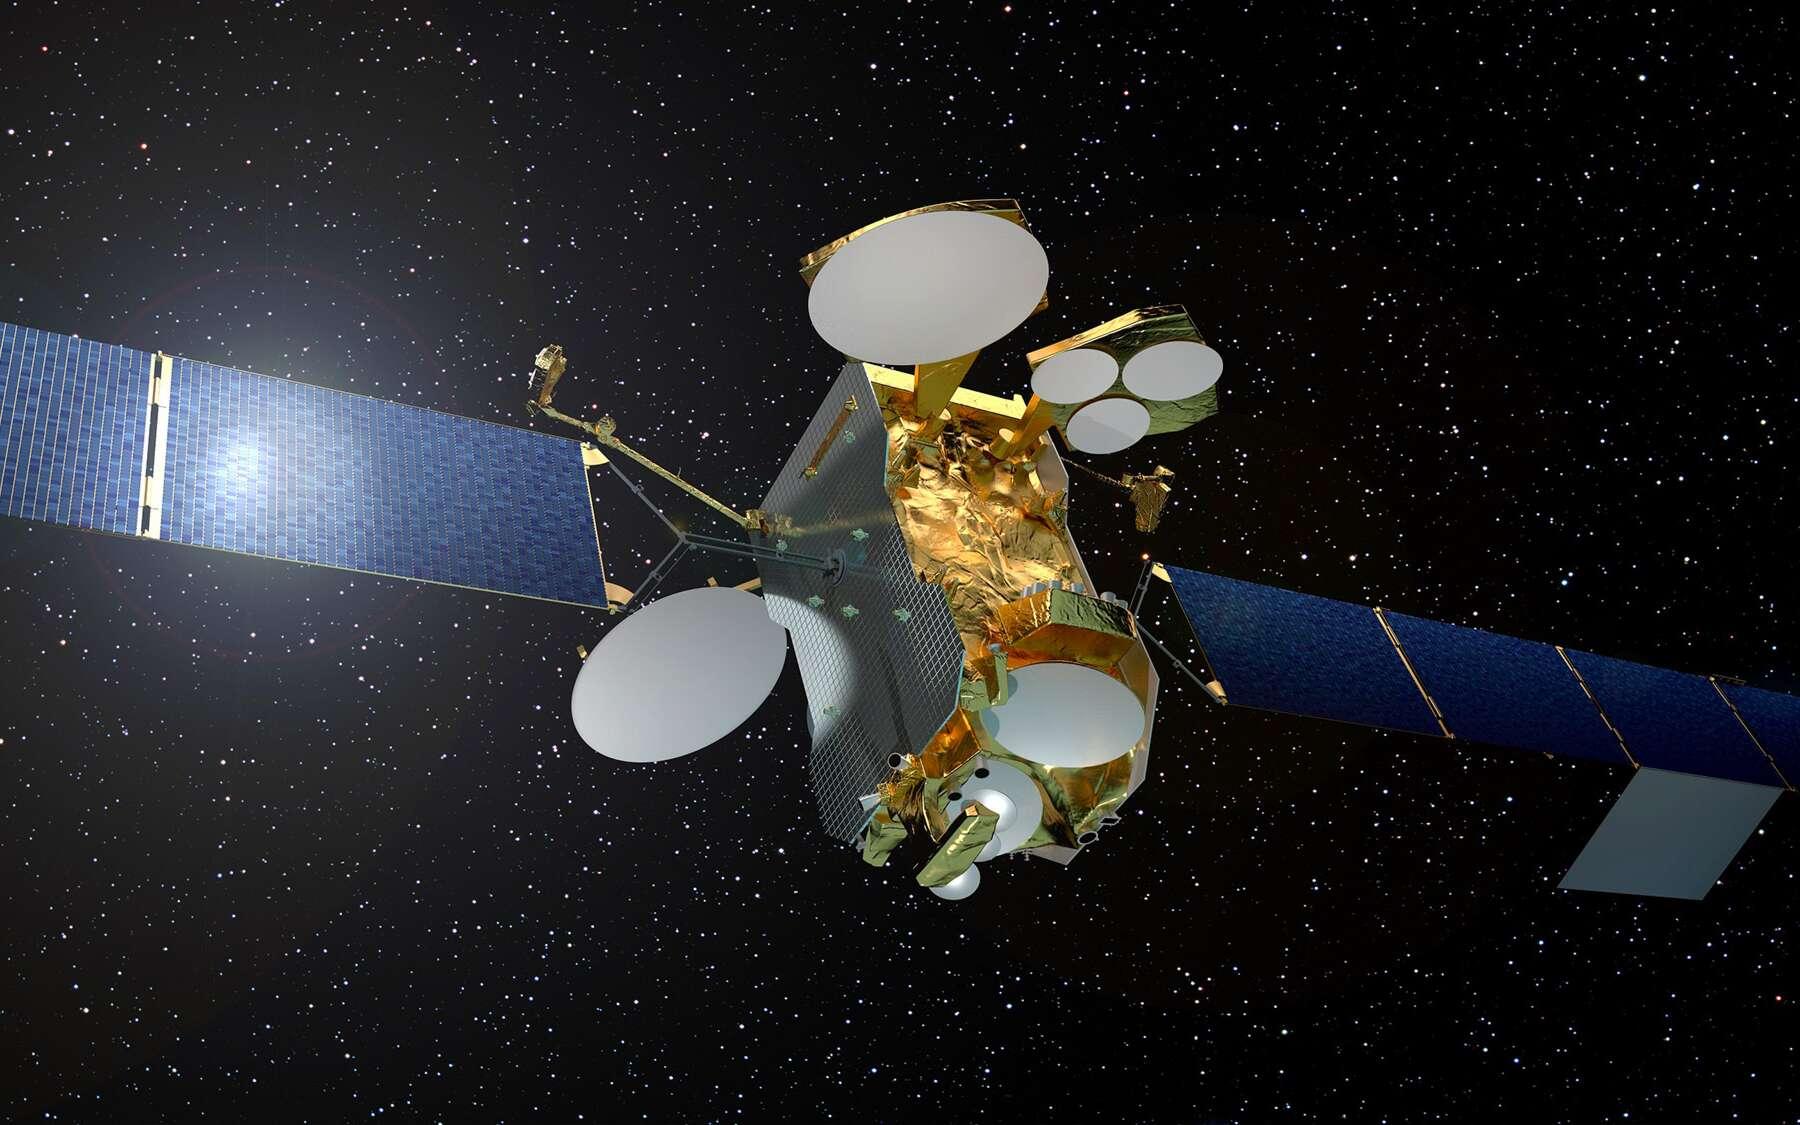 Construit autour de la plateforme Eurostar E3000e, à propulsion entièrement électrique, d'Airbus, le satellite Eutelsat 172B est conçu pour une durée de vie d'au moins 15 ans. Il est le premier satellite à amener l'Internet haut débit à bord des avions. © Airbus Defence and Space